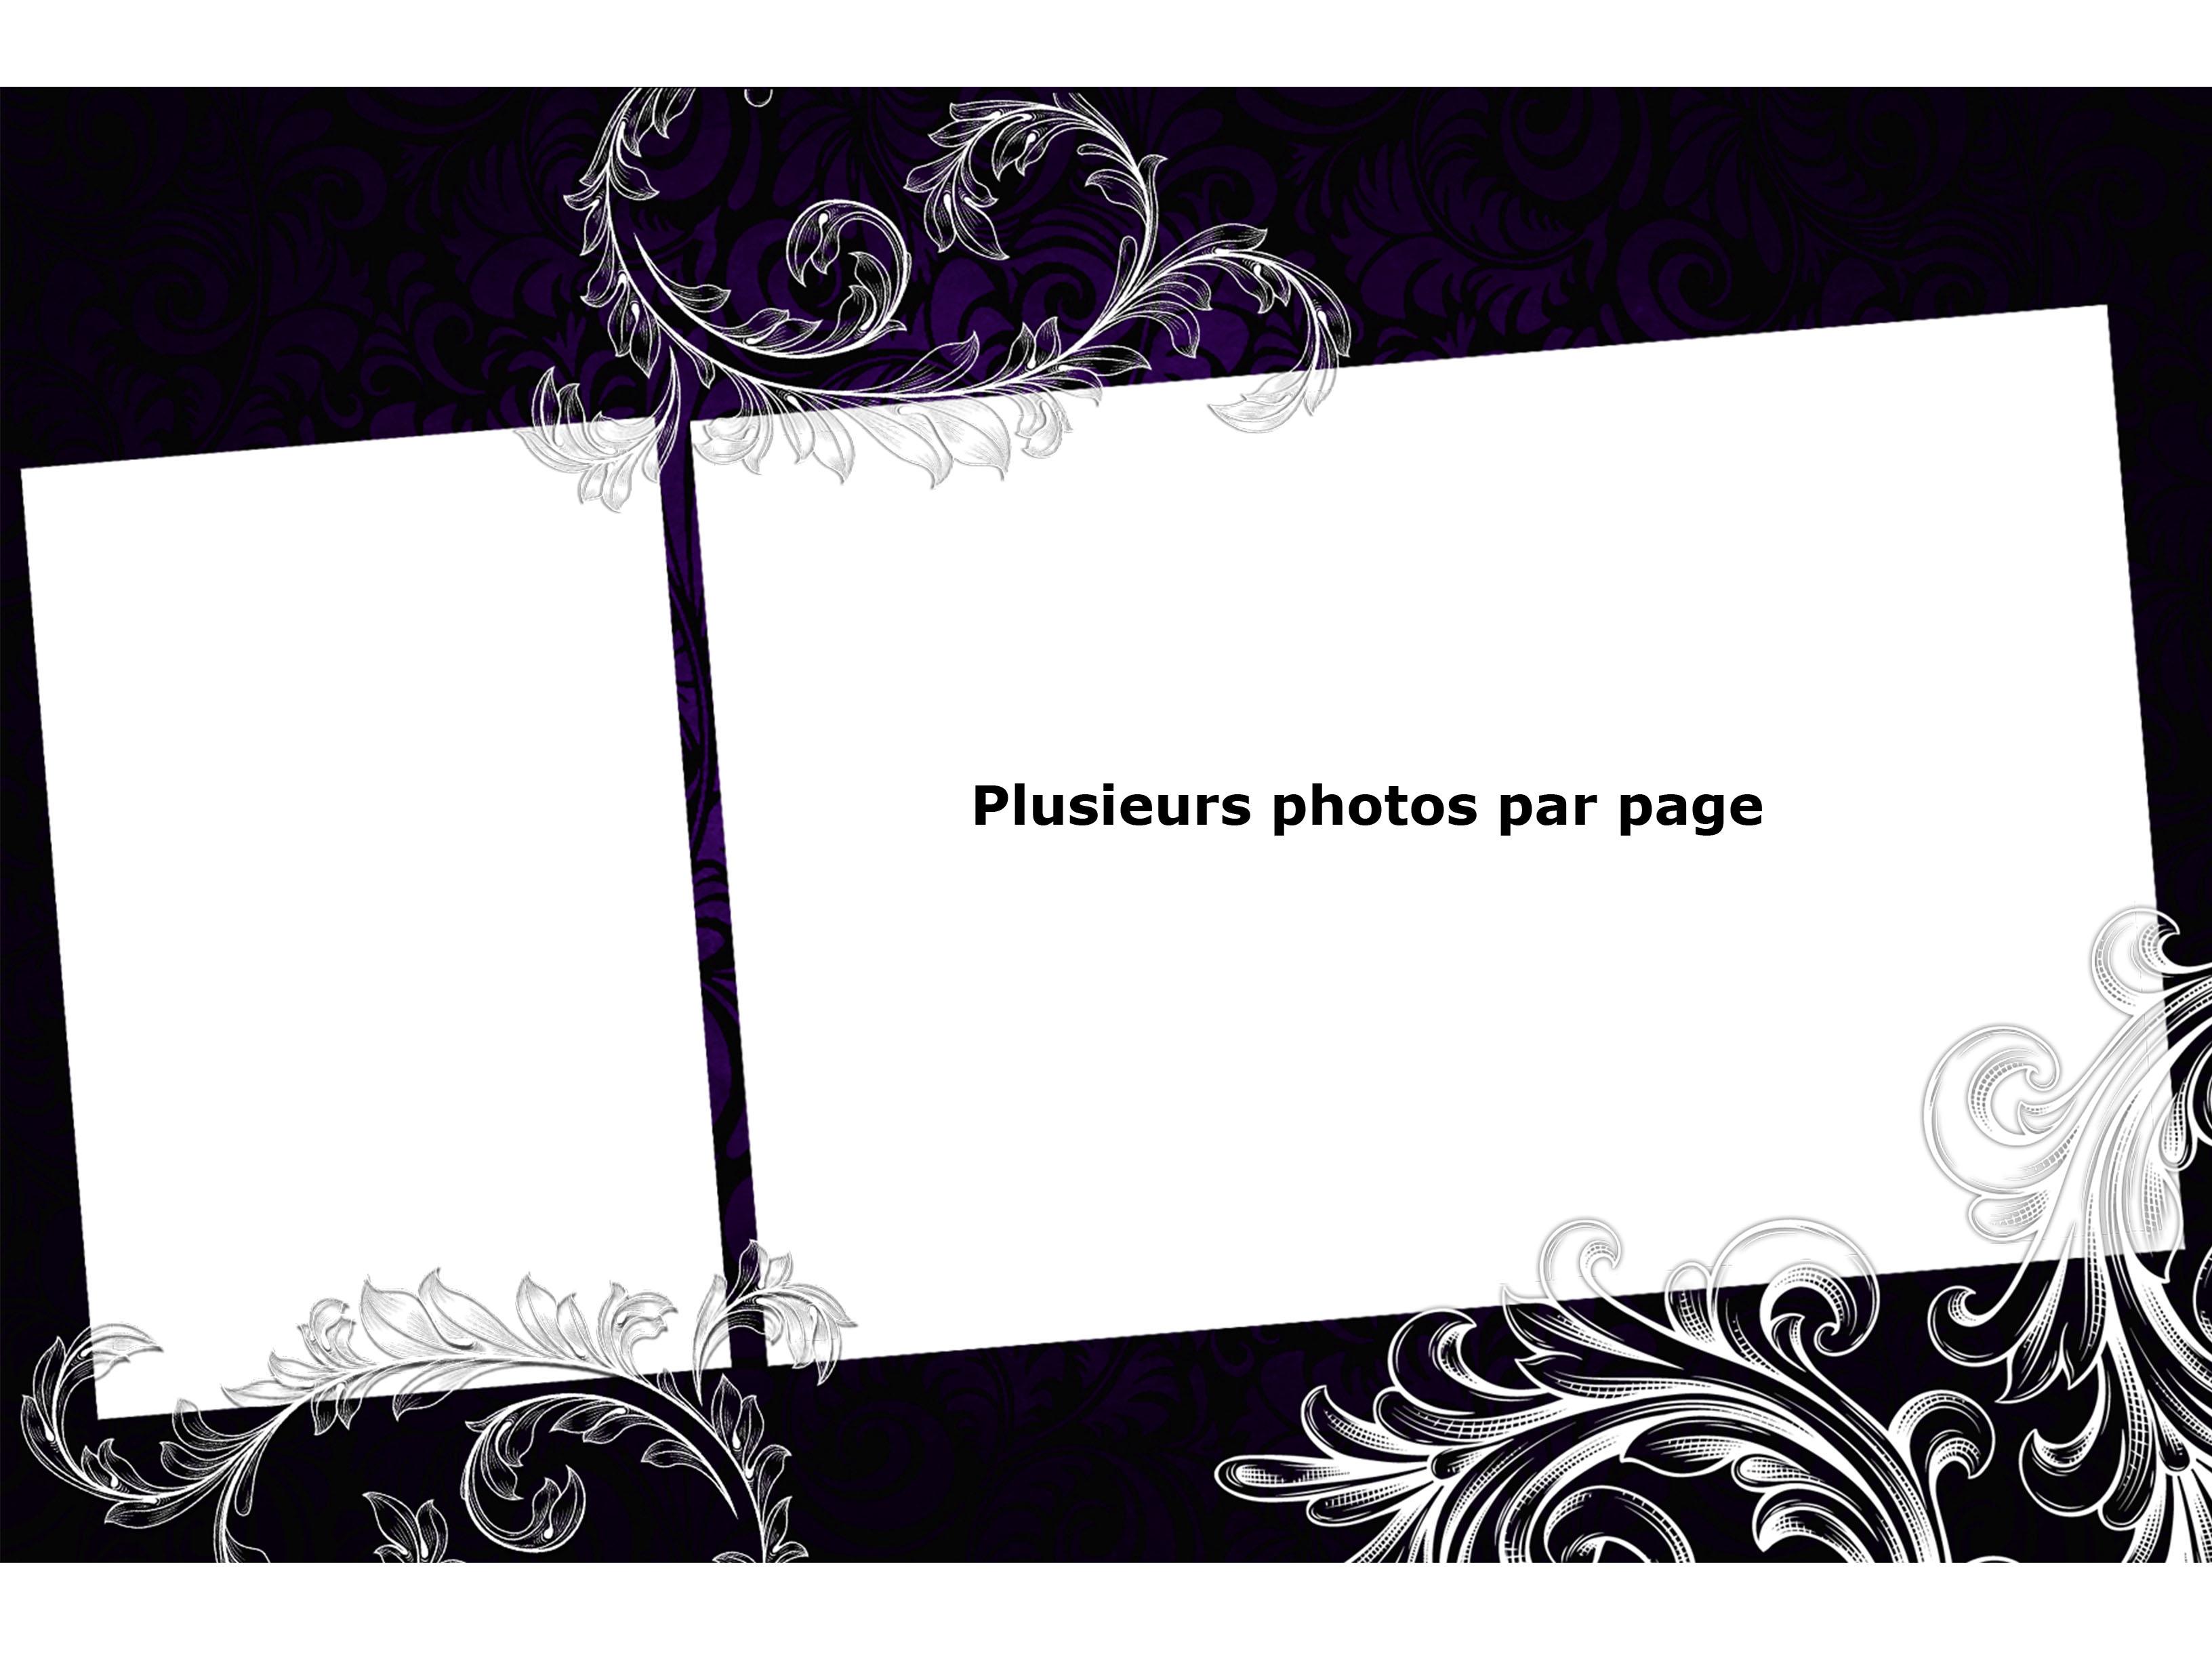 cabine photo photobooth l 39 image en marche. Black Bedroom Furniture Sets. Home Design Ideas